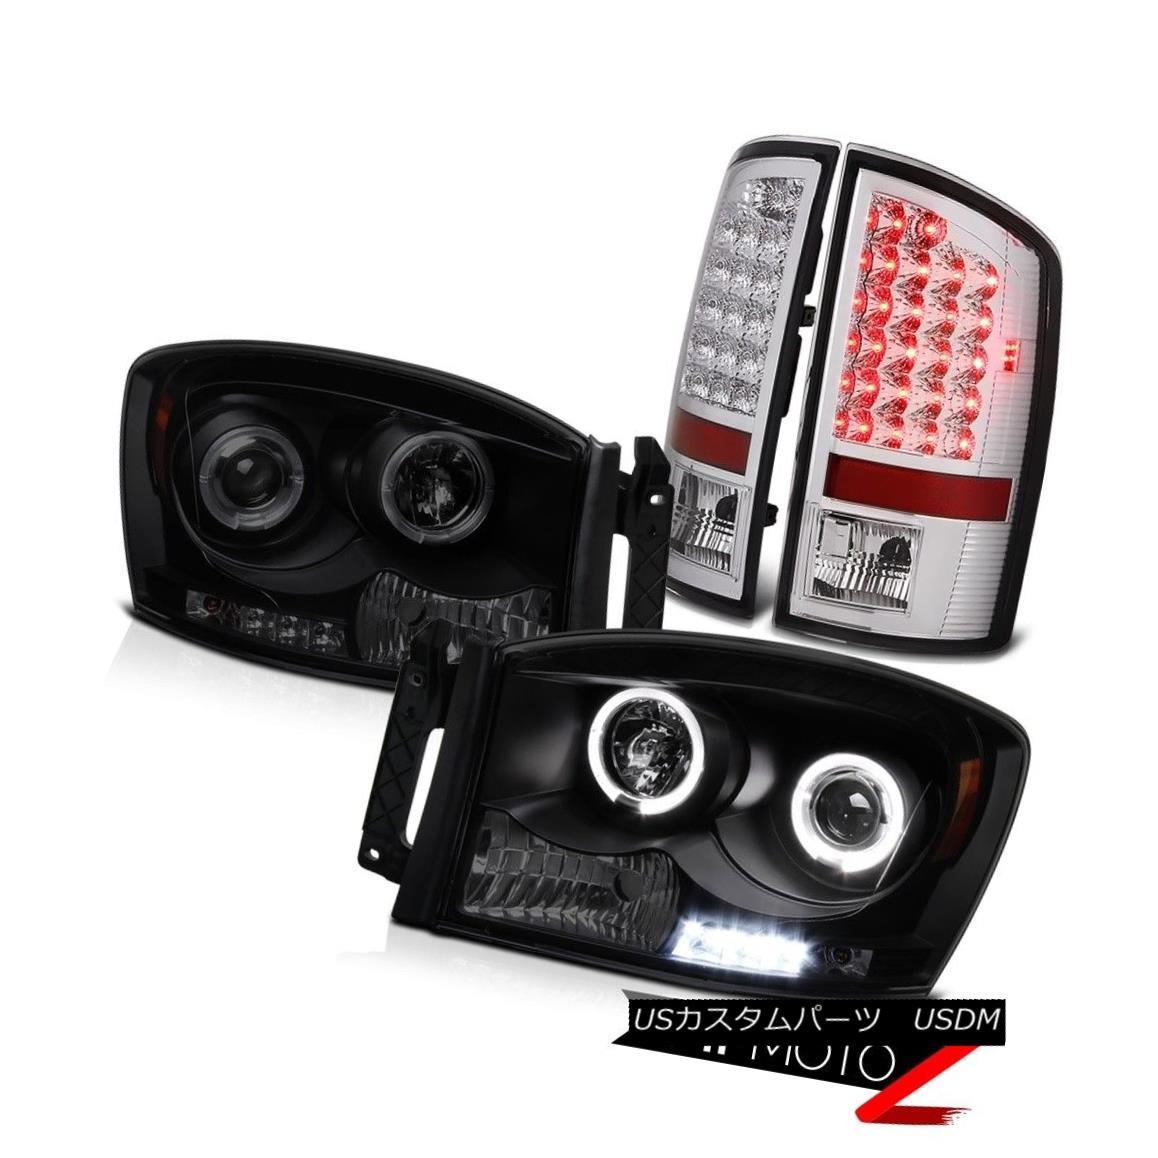 テールライト Dual Halo LED Headlight Tail Lights Dodge Ram 1500 2500 Hemi 5.7L WS 2007 2008 デュアルHalo LEDヘッドライトテールライトダッジラム1500 2500 Hemi 5.7L WS 2007 2008